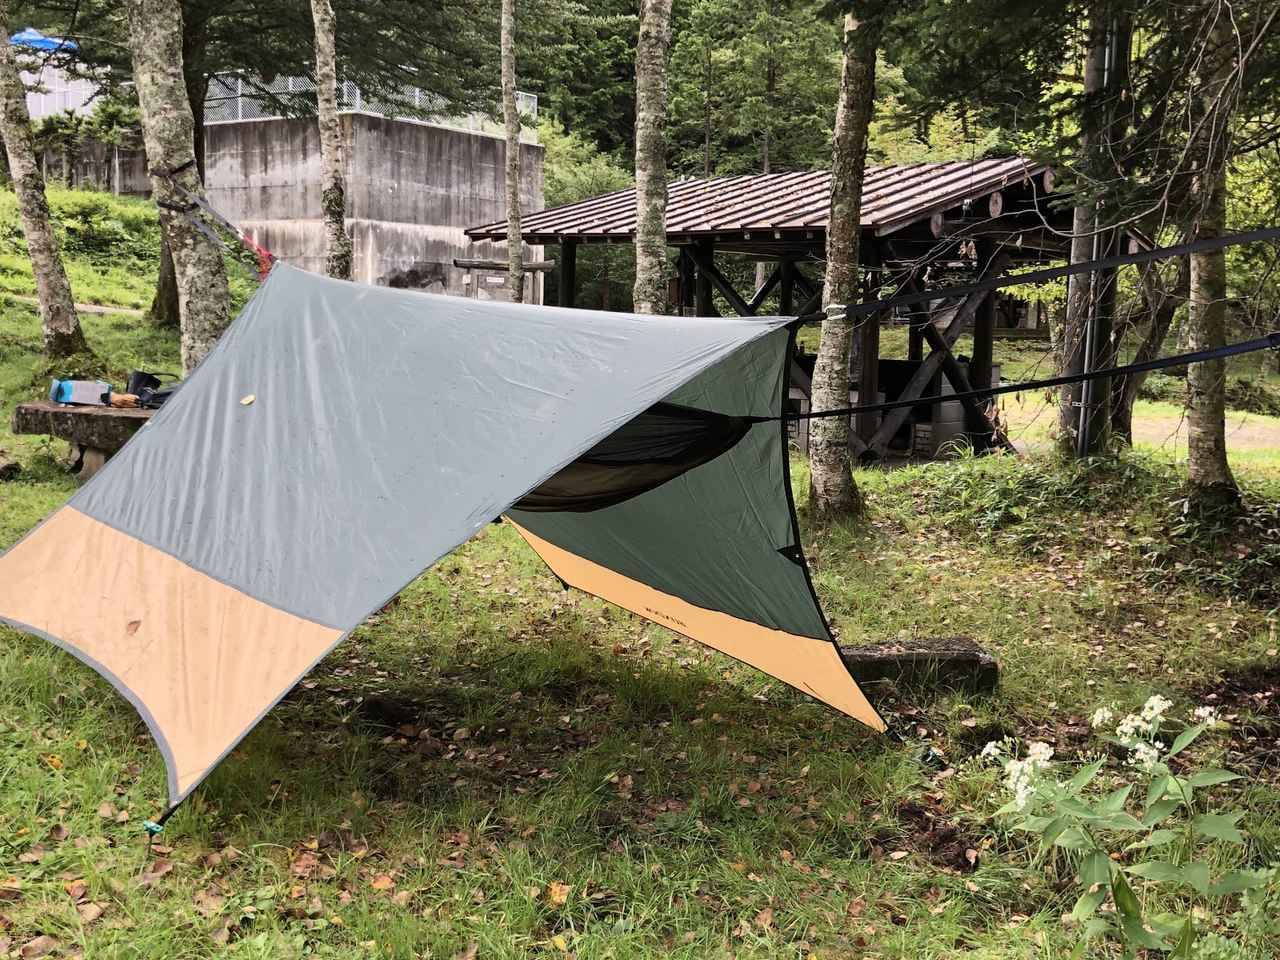 画像: 【おすすめキャンプ場44】夏期限定の「飛騨高山キャンプ場」で高原キャンプ!夏も涼しく星空を満喫 - ハピキャン|キャンプ・アウトドア情報メディア